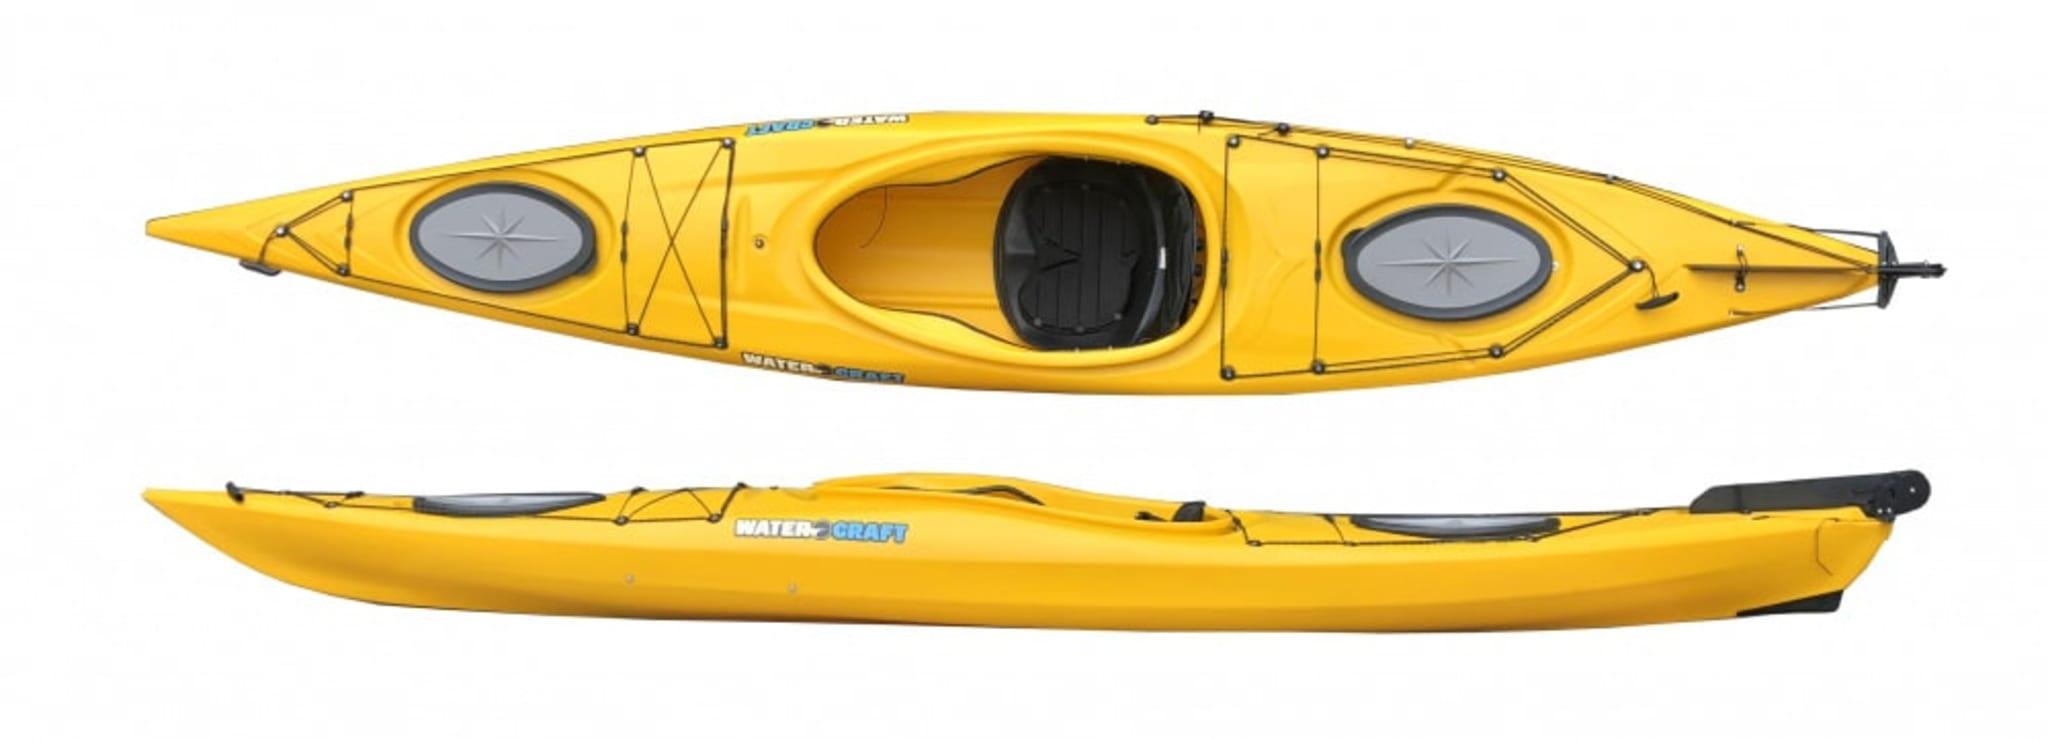 Suveren kajakk for de litt mindre padlerne eller de som ønsker en solid og stabil båt - komplett med åre!